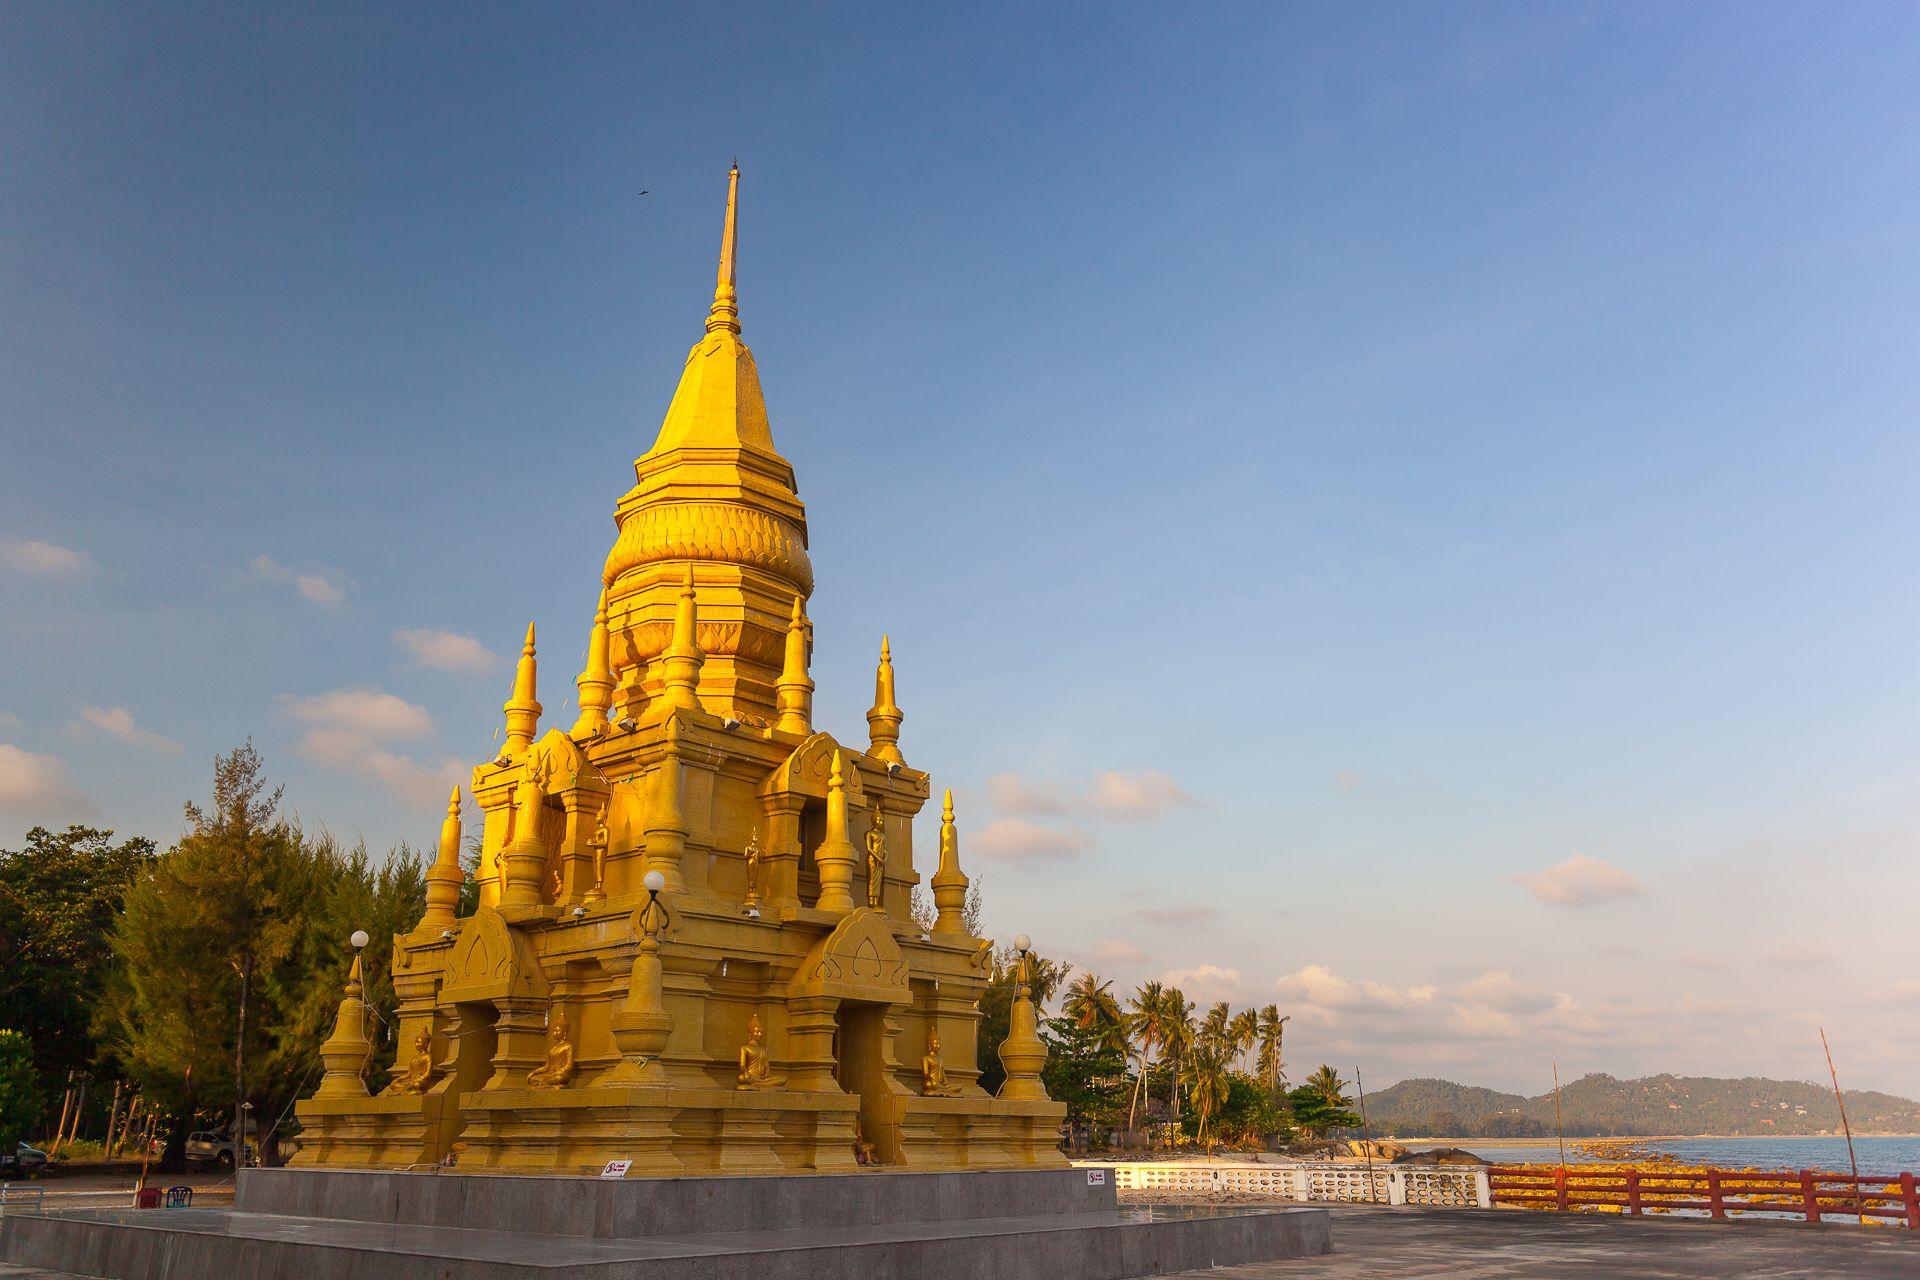 Pagoda Laem Sor, temple laem sor samui, koh samui, buddha, Thailand, wat, золотая ступа на самуи, золотая пагода на самуи, пагода Лаем Сор, пагода Лэм Сор, Лем Сор, достопримечательности Самуи, что посмотреть на Самуи, смотровые площадки на Самуи, храмы на Самуи, вьюпоинт, буддизм, ступа, пагода,